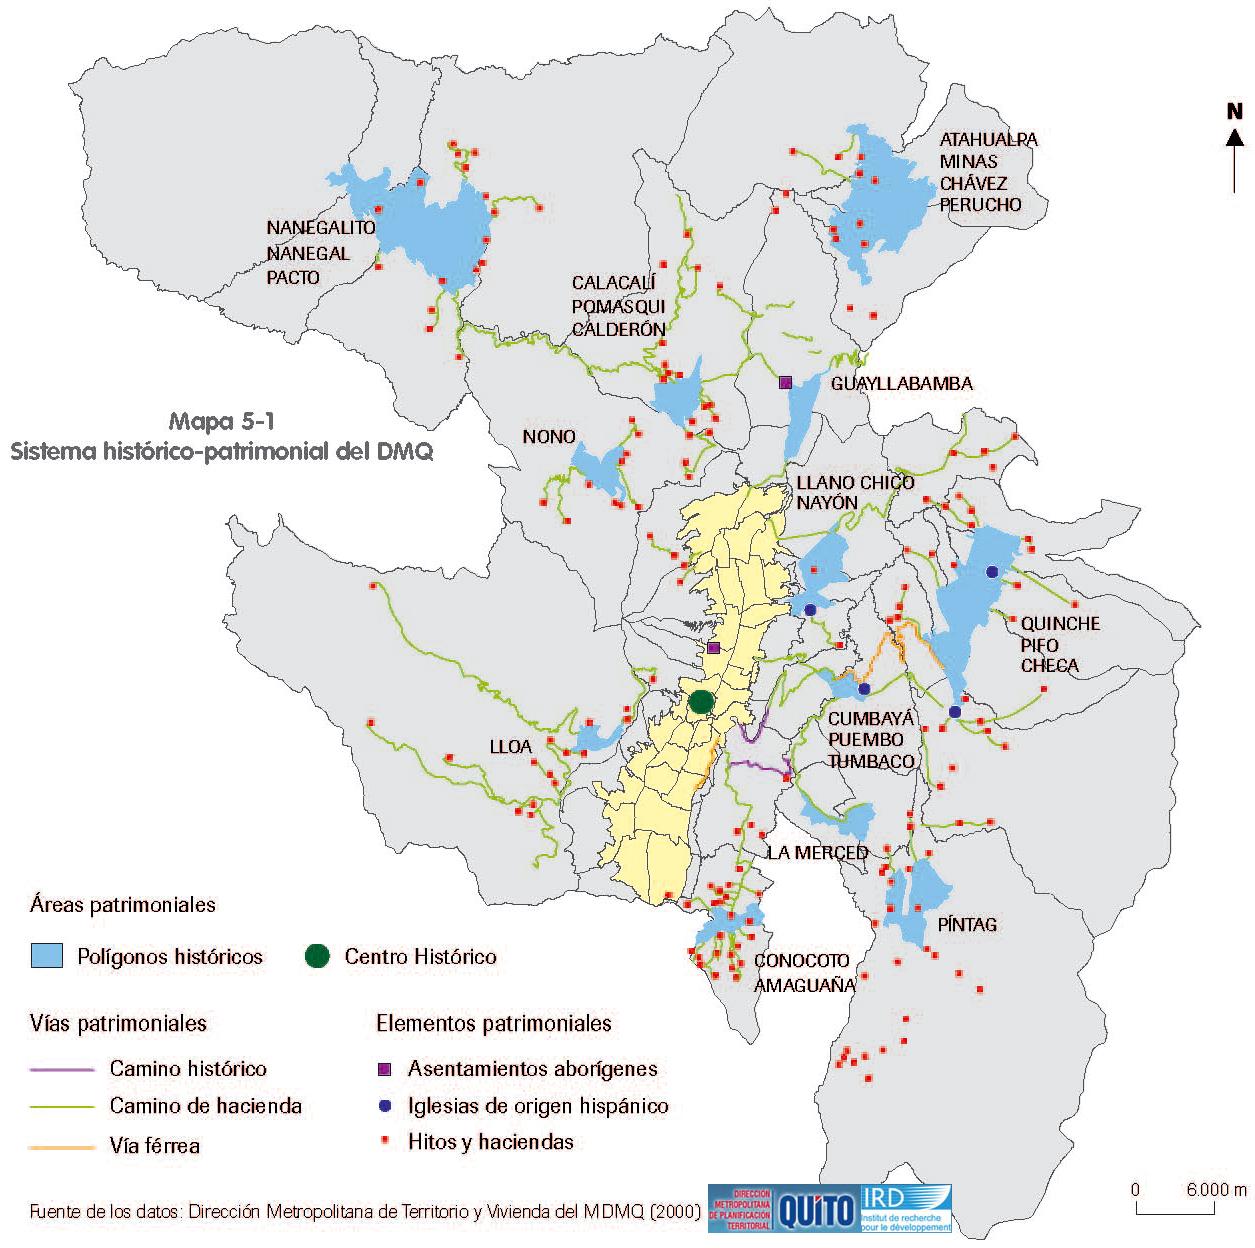 Mapa de Áreas Histórico-patrimoniales en el Distrito Metropolitano de Quito 2000